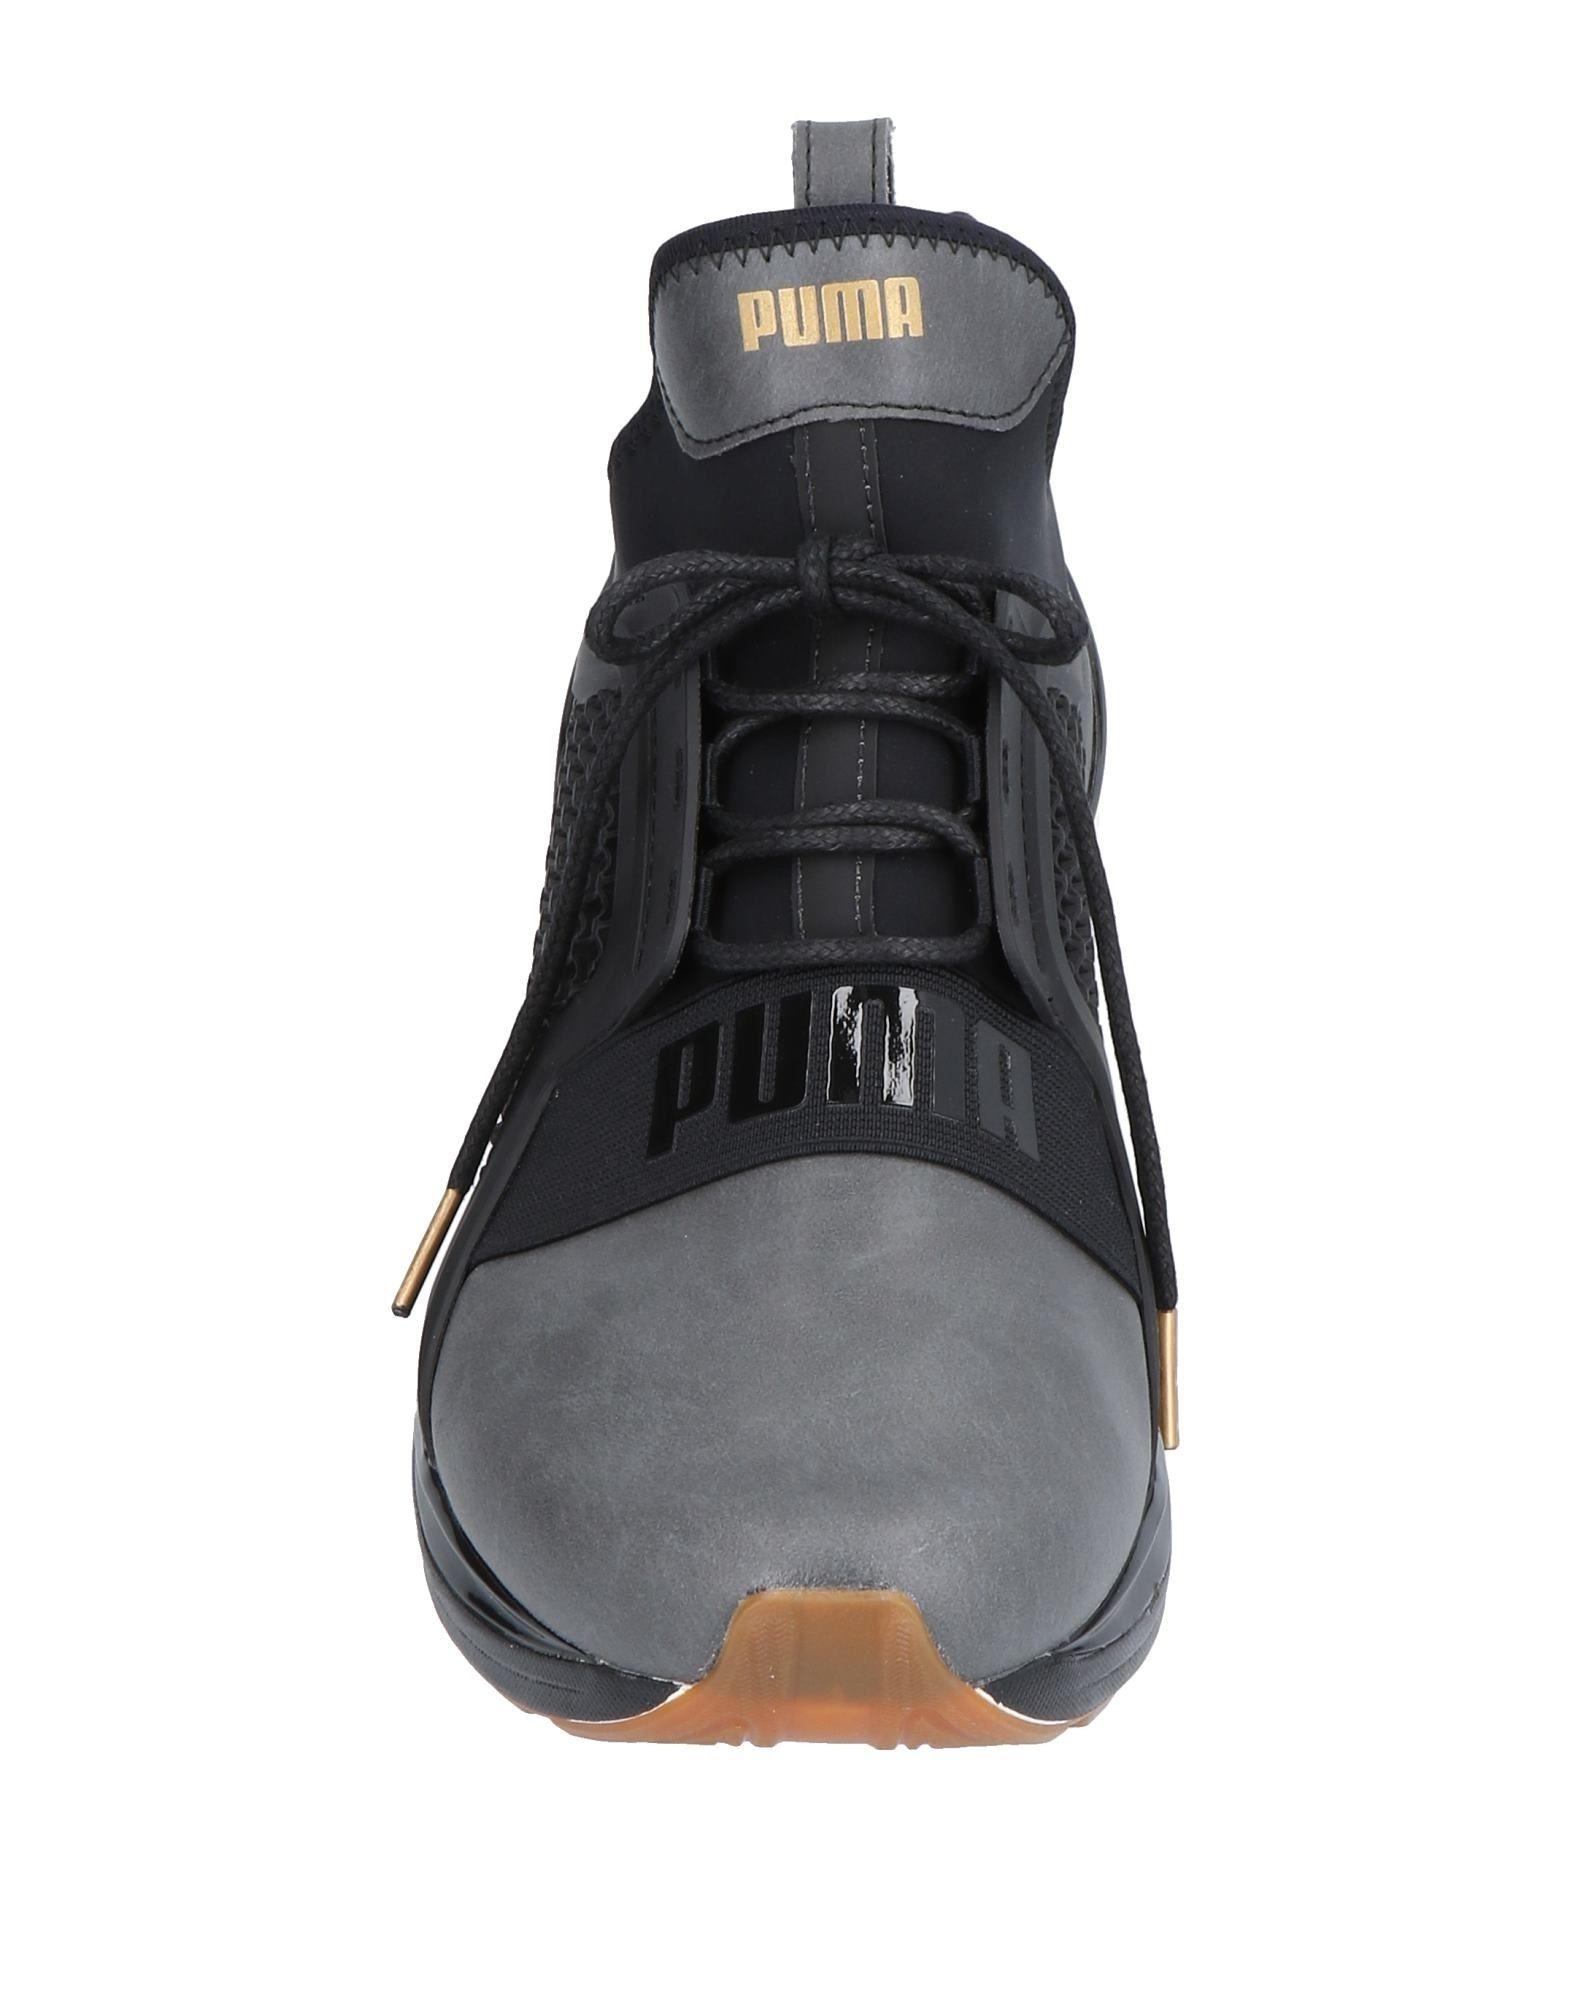 Puma Sneakers Herren Heiße  11495871AJ Heiße Herren Schuhe 6e7cba